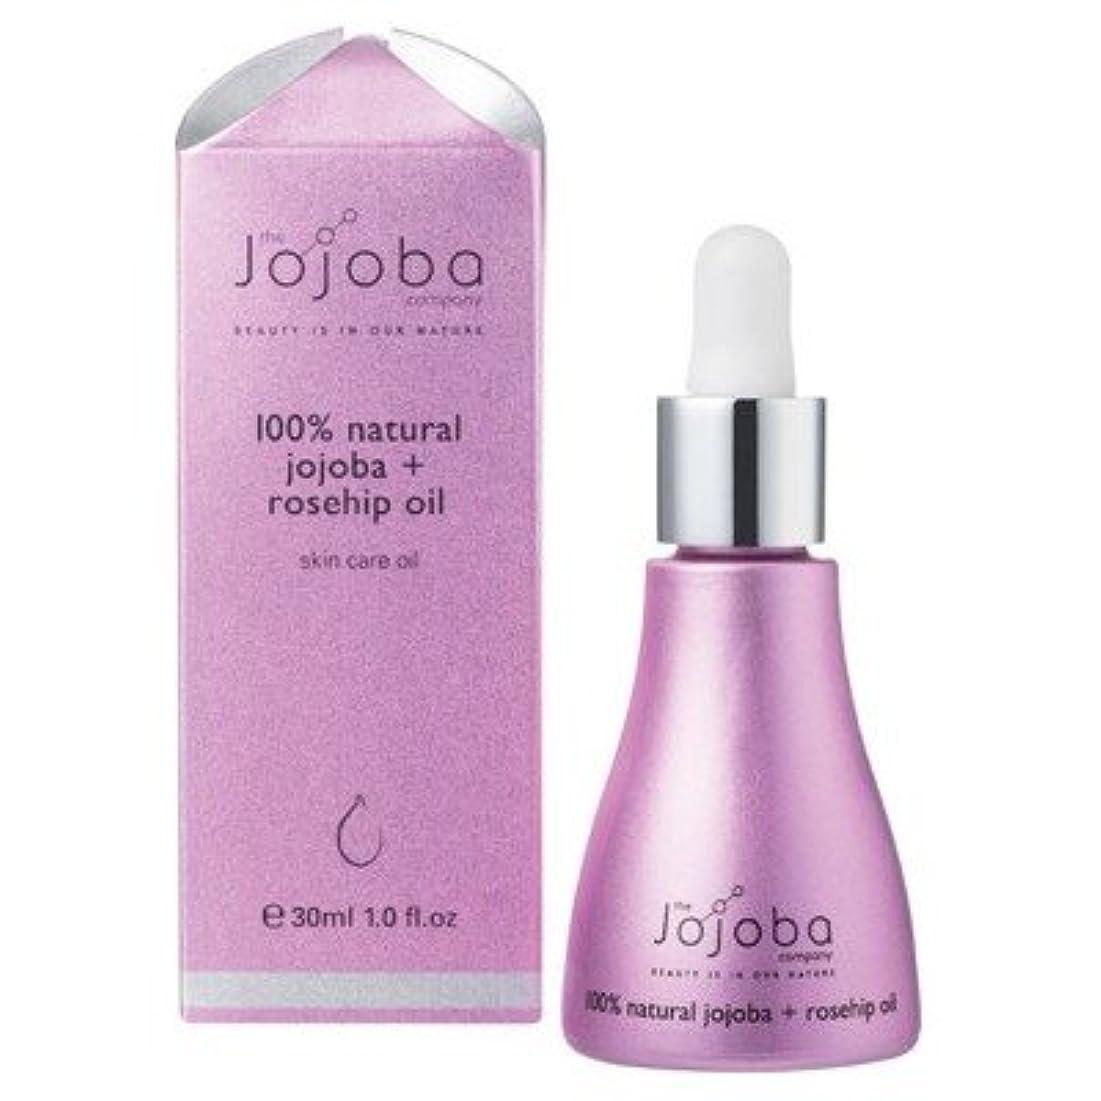 キャプテンブライ補助金クラックthe Jojoba Company 100% Natural Australian Jojoba Oil + Rosehip Oil ホホバ&ローズヒップブレンドオイル 30ml [海外直送品]